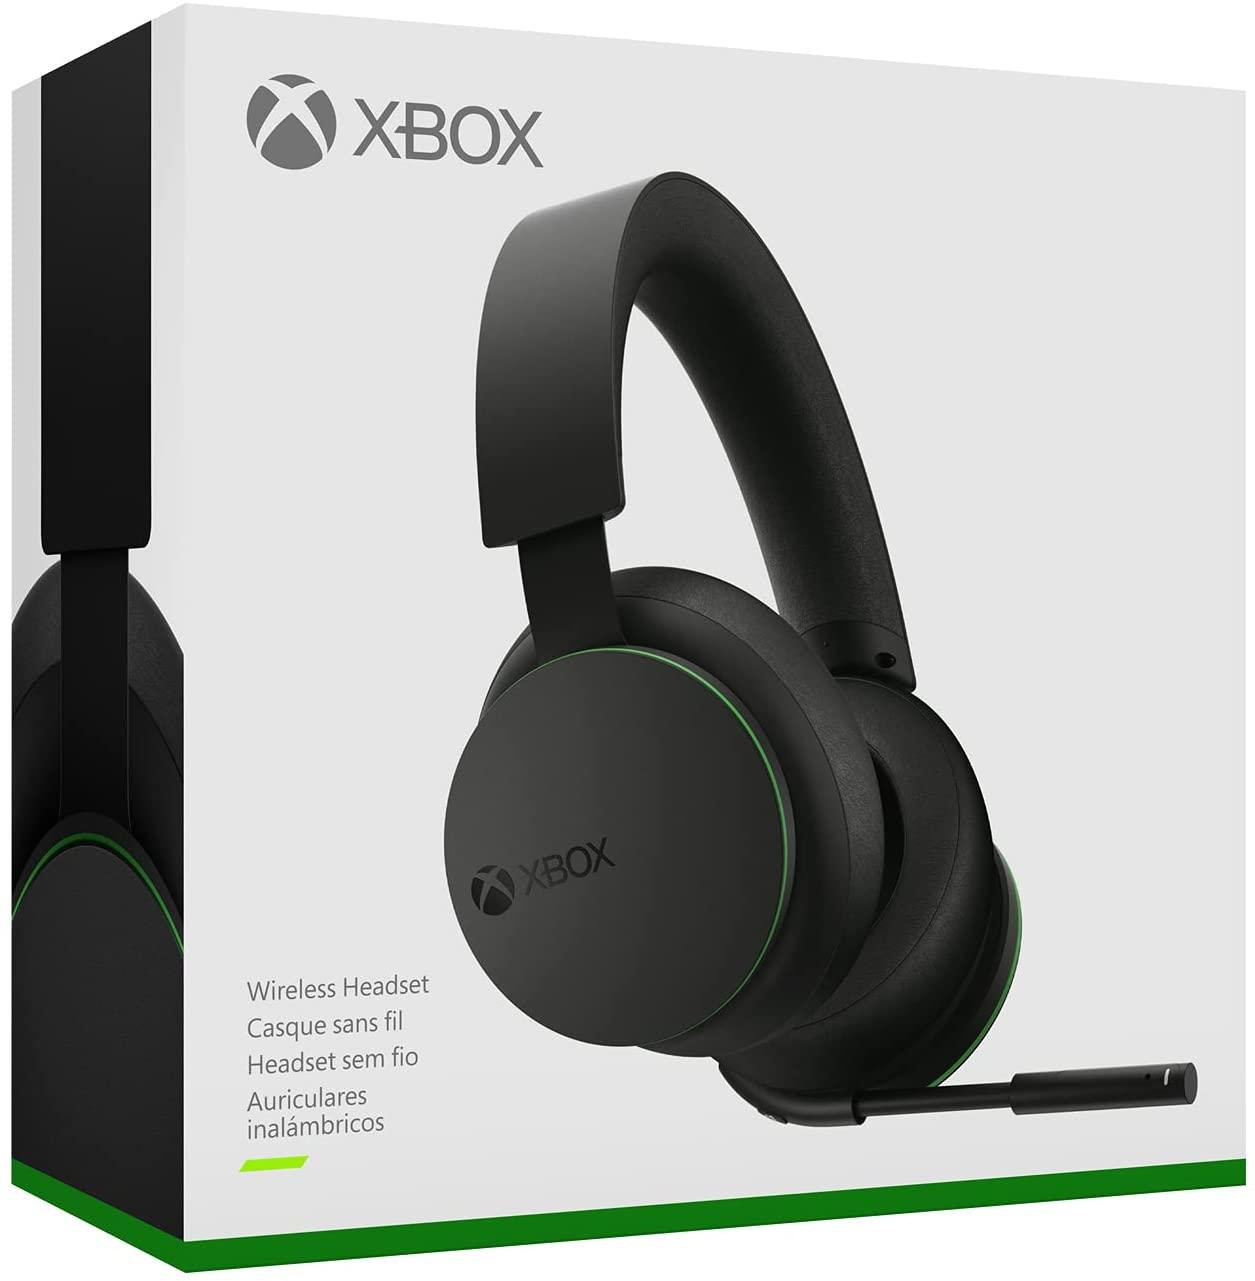 Audífonos inalámbricos de Xbox oficiales de Microsoft de nuevo disponibles